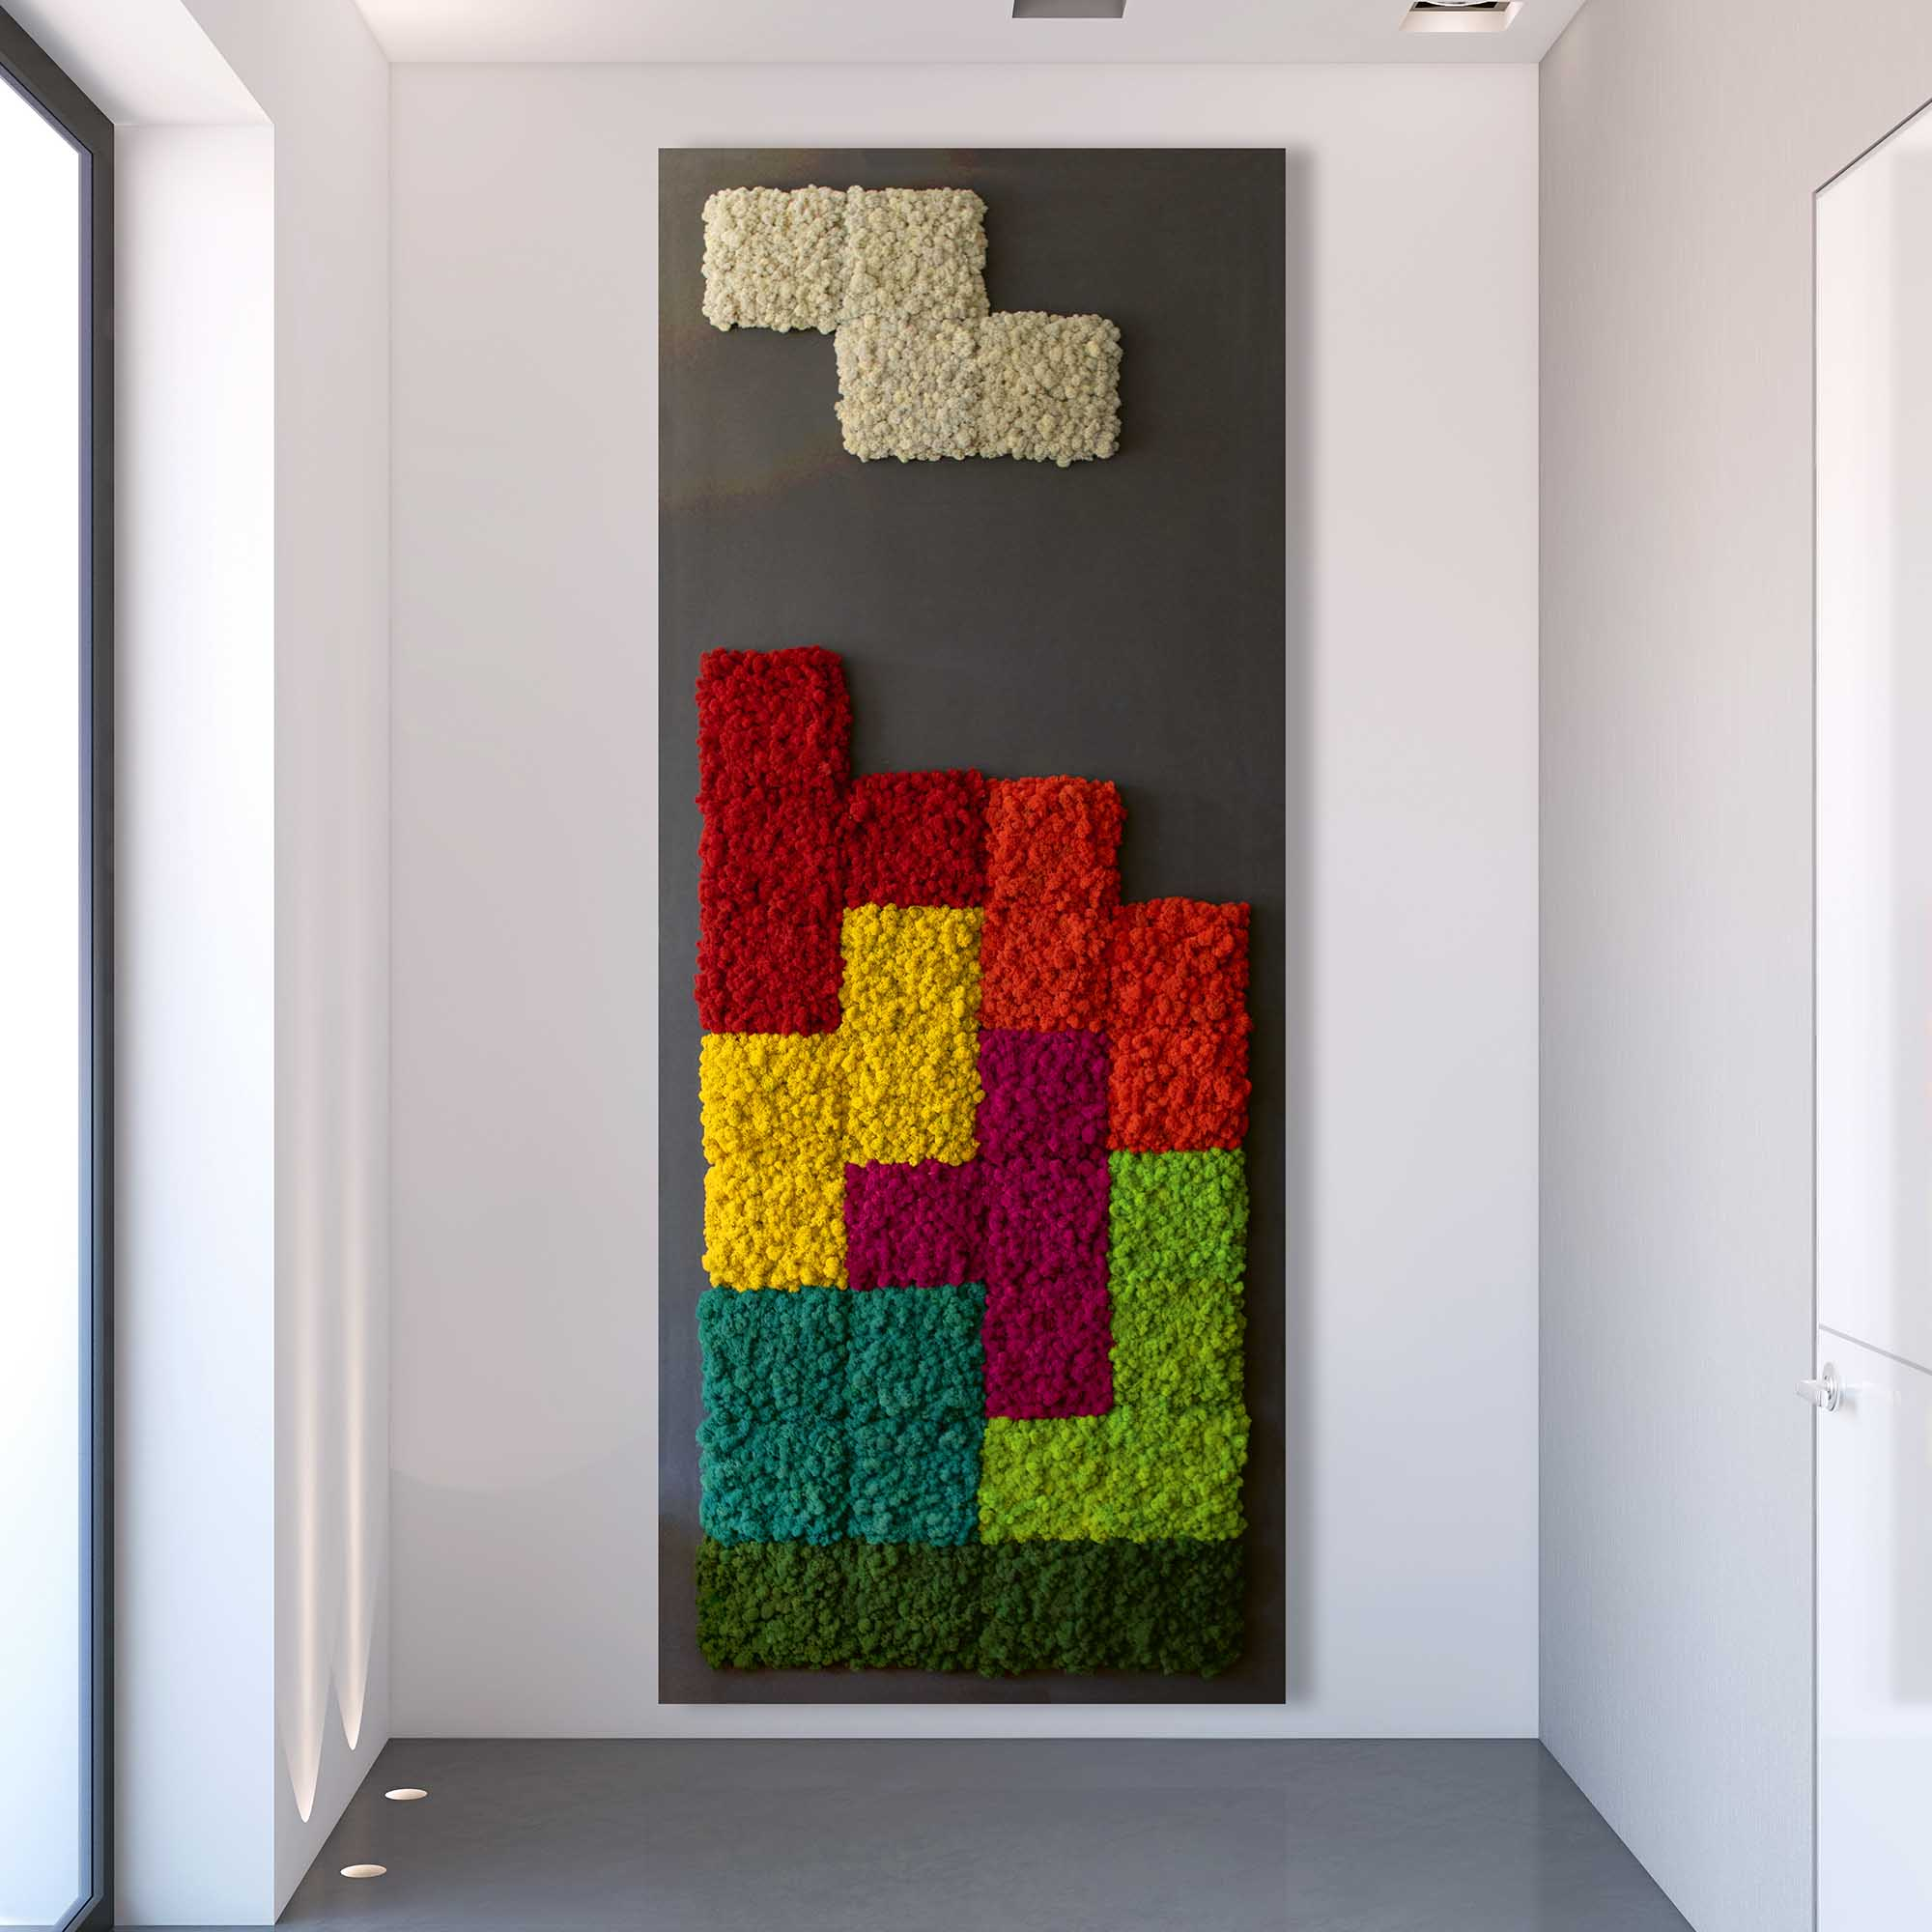 Islandmoos Mooswand in Tetris Optik welche sehr modern aussieht